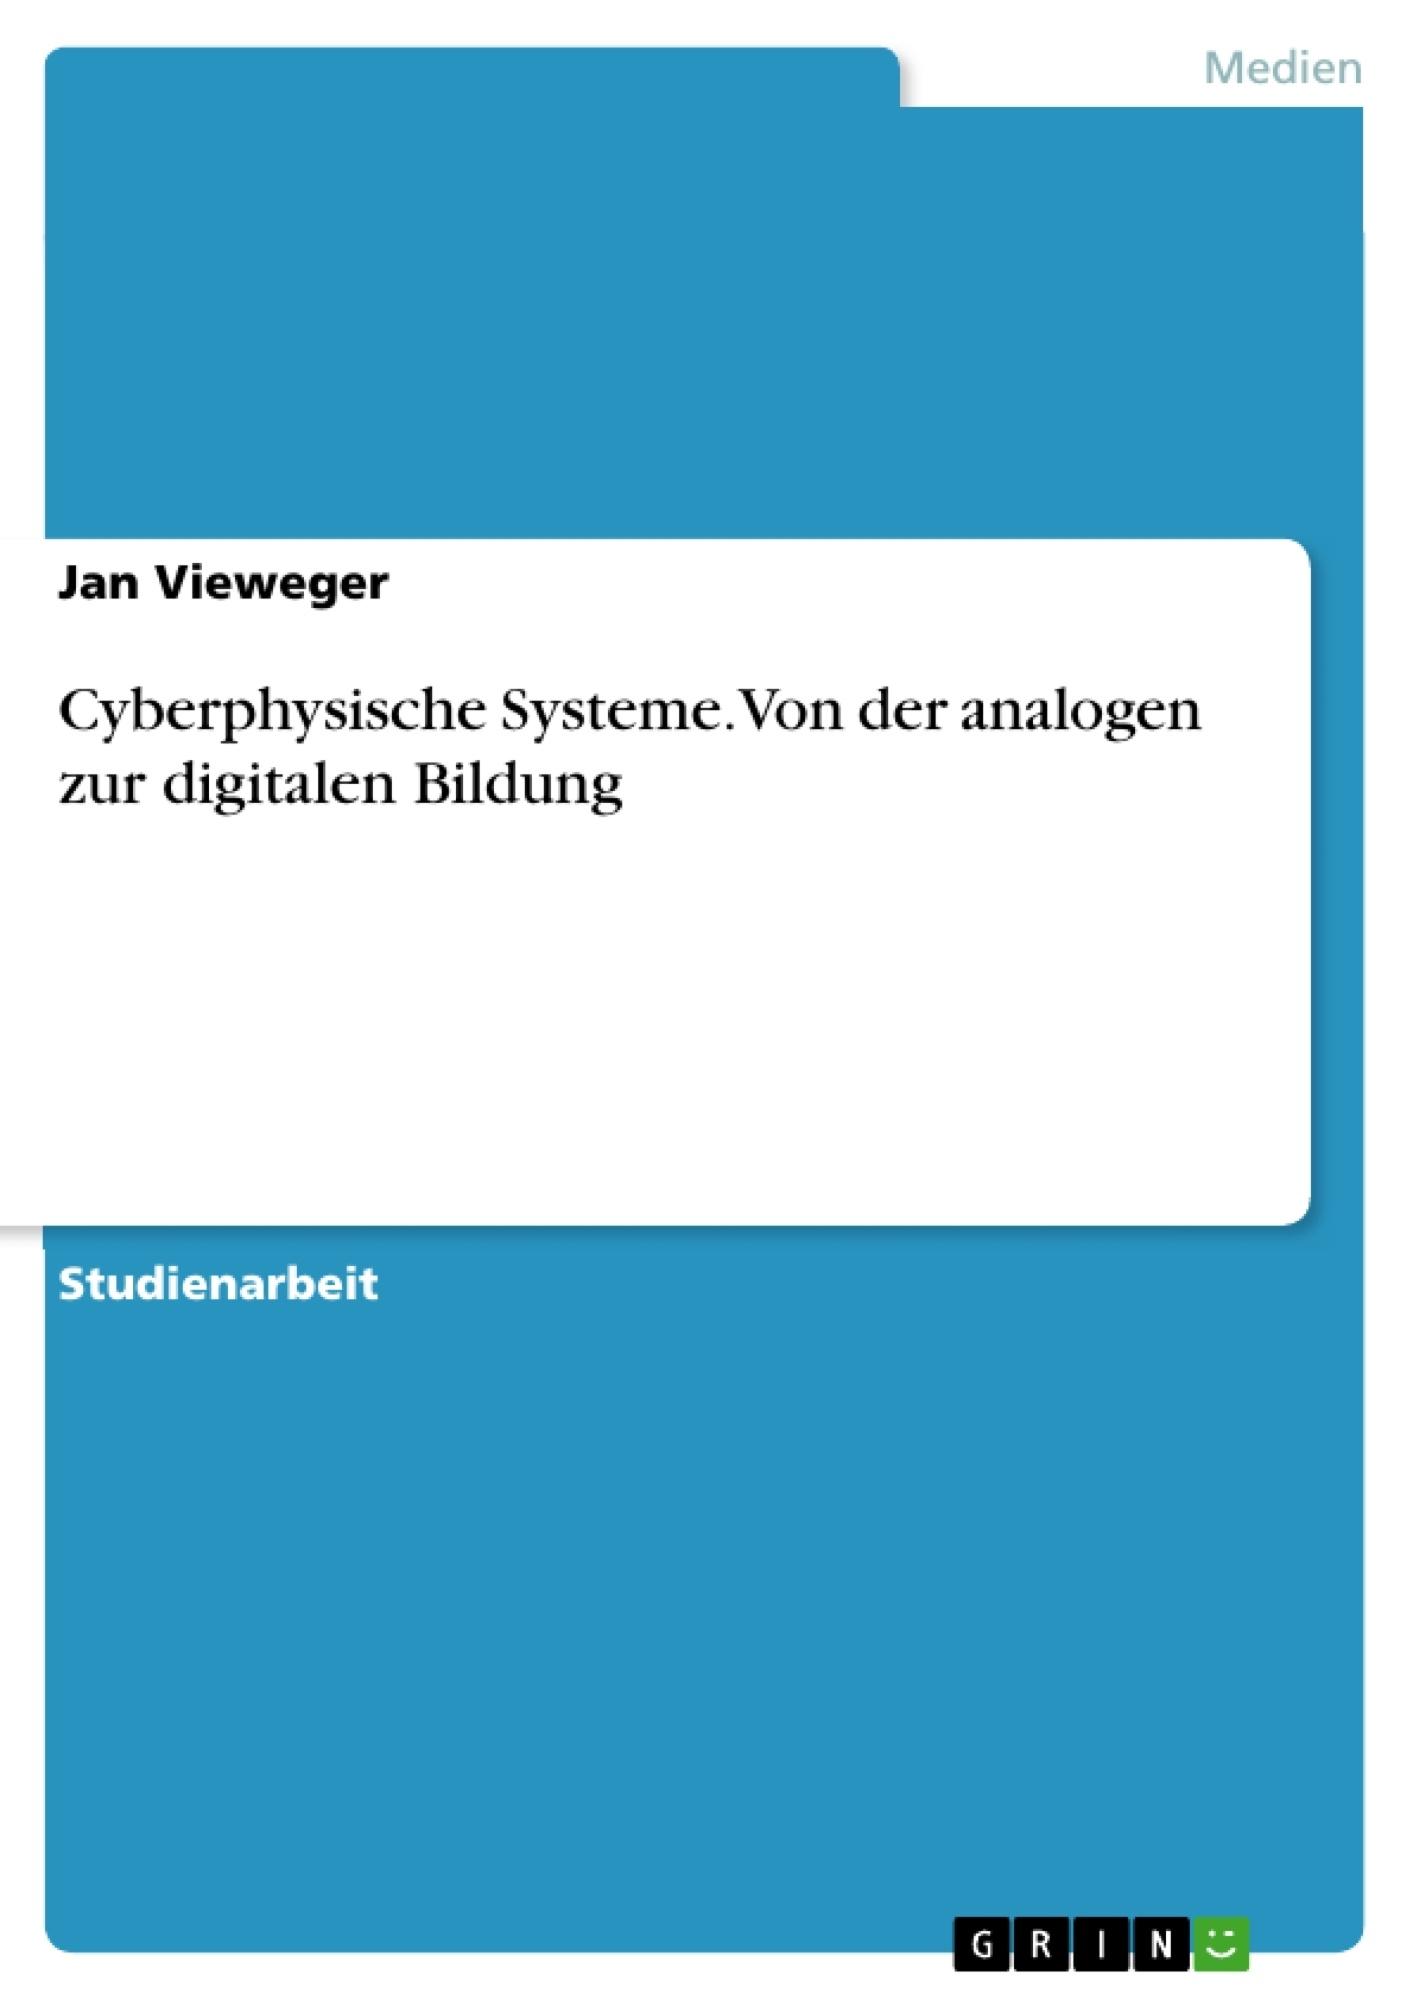 Titel: Cyberphysische Systeme.Von der analogen zur digitalen Bildung